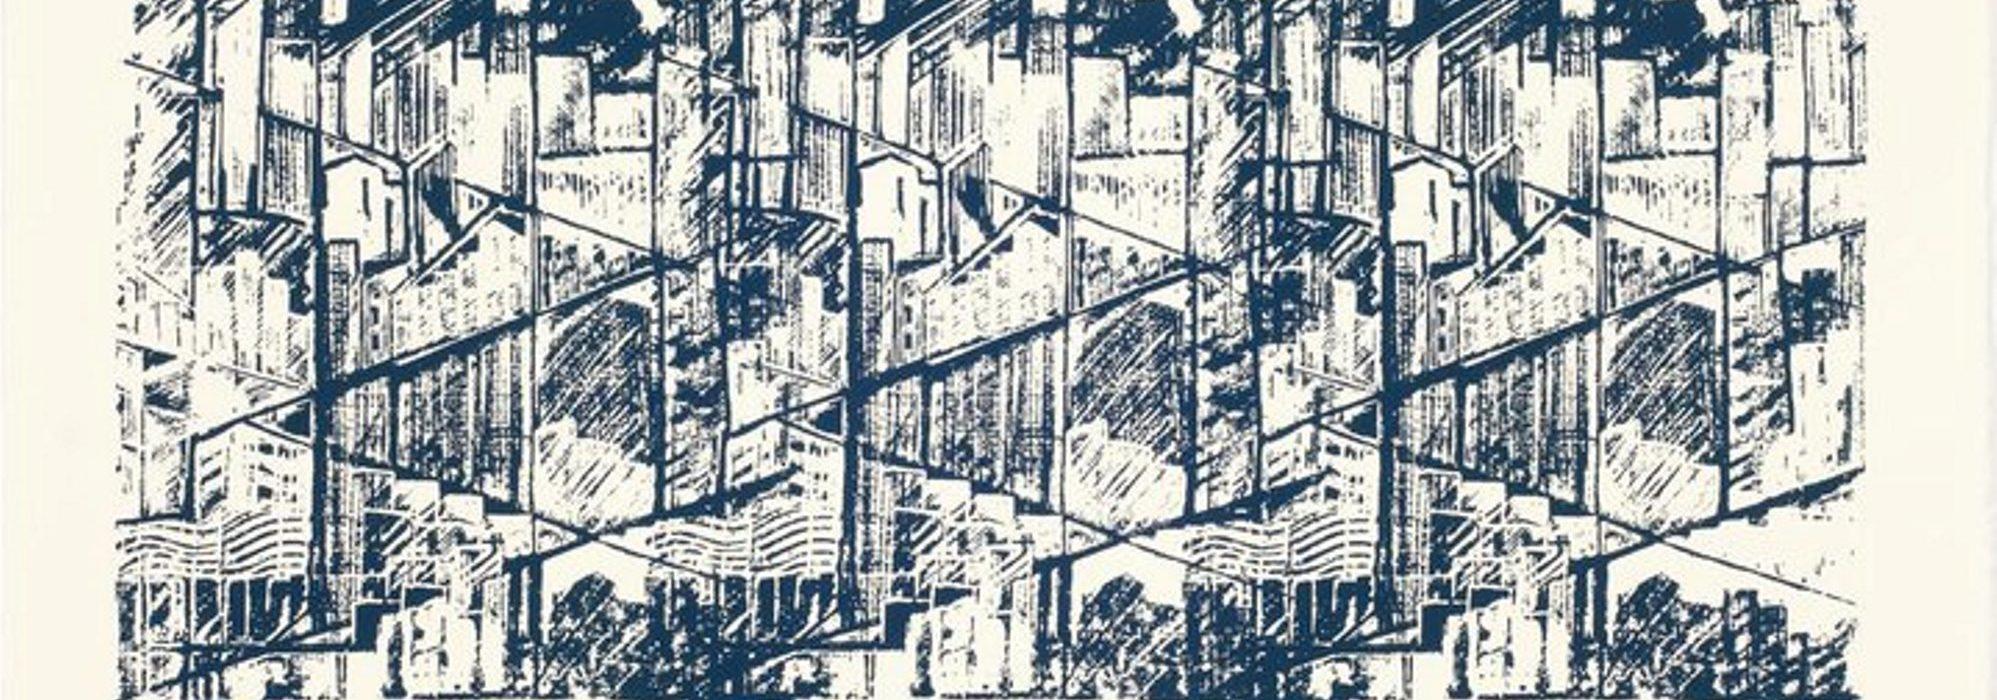 Imagem: Serigrafia da série Metrópolis (ZéCésar, 2010)